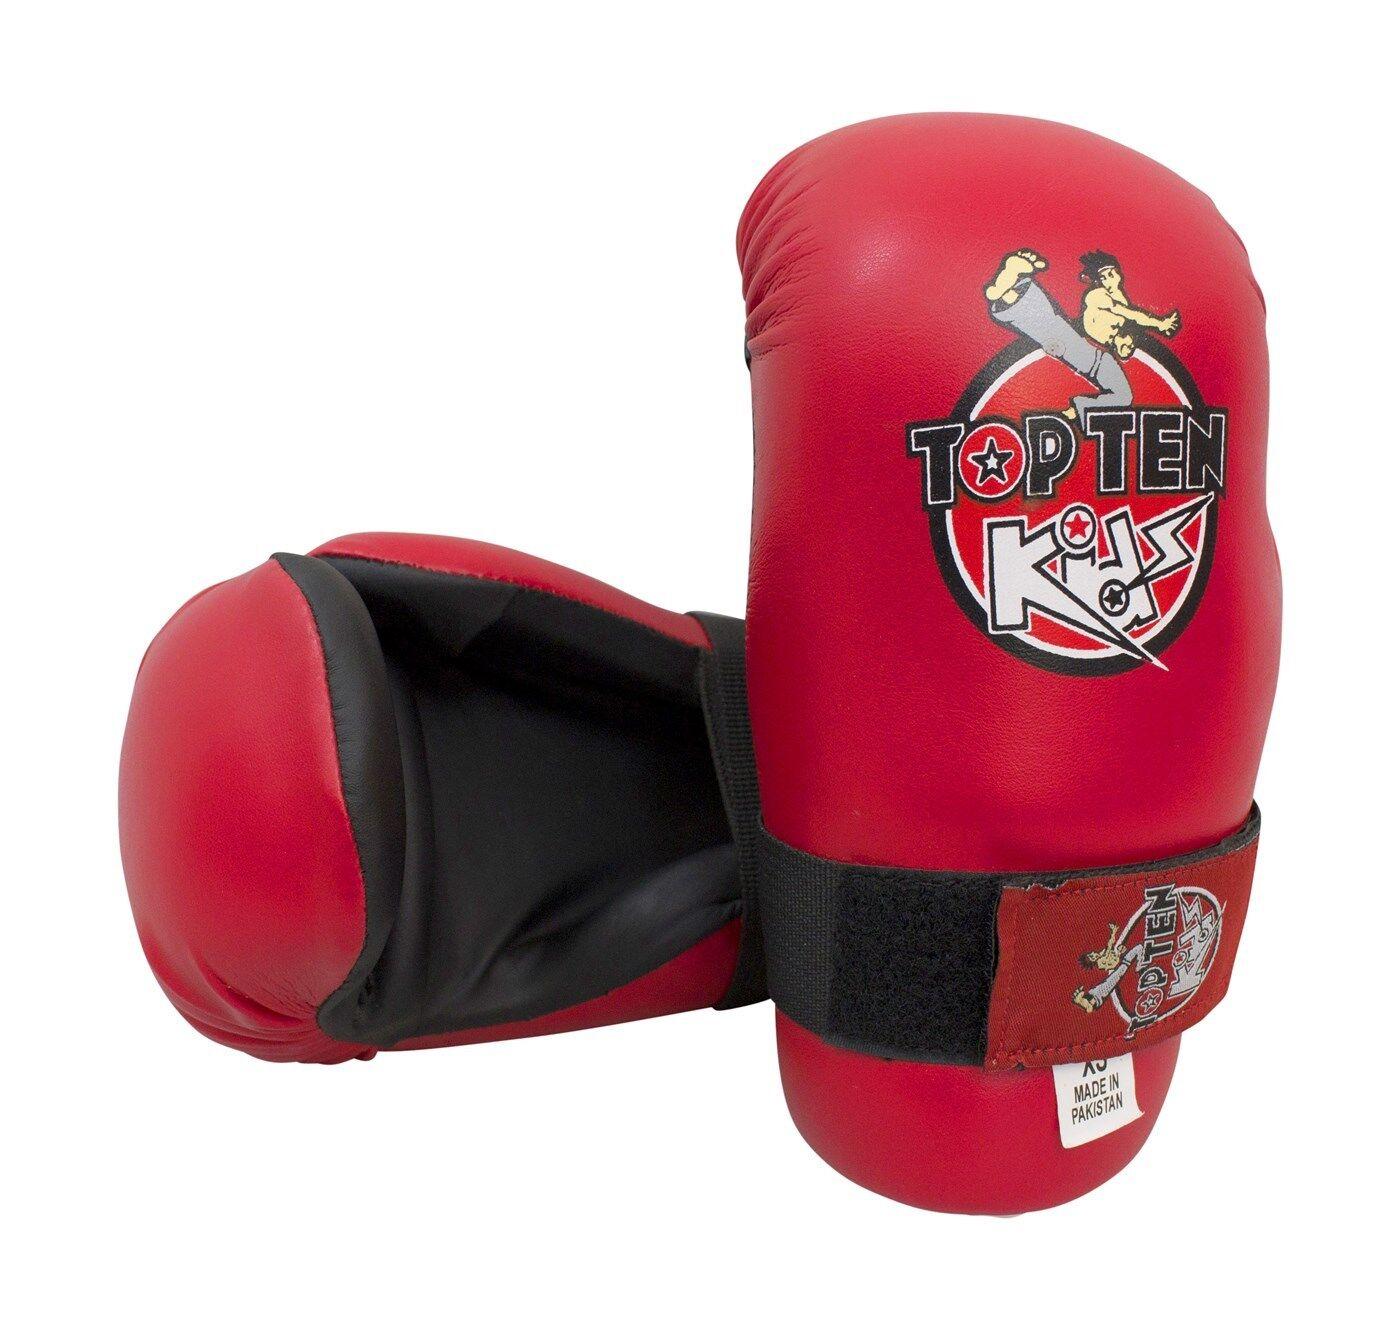 Top Ten Boxhandschuh Pointfighter Kids, Gr. XS. In weiß, schw., schw., schw., rot und blau. 470e5b